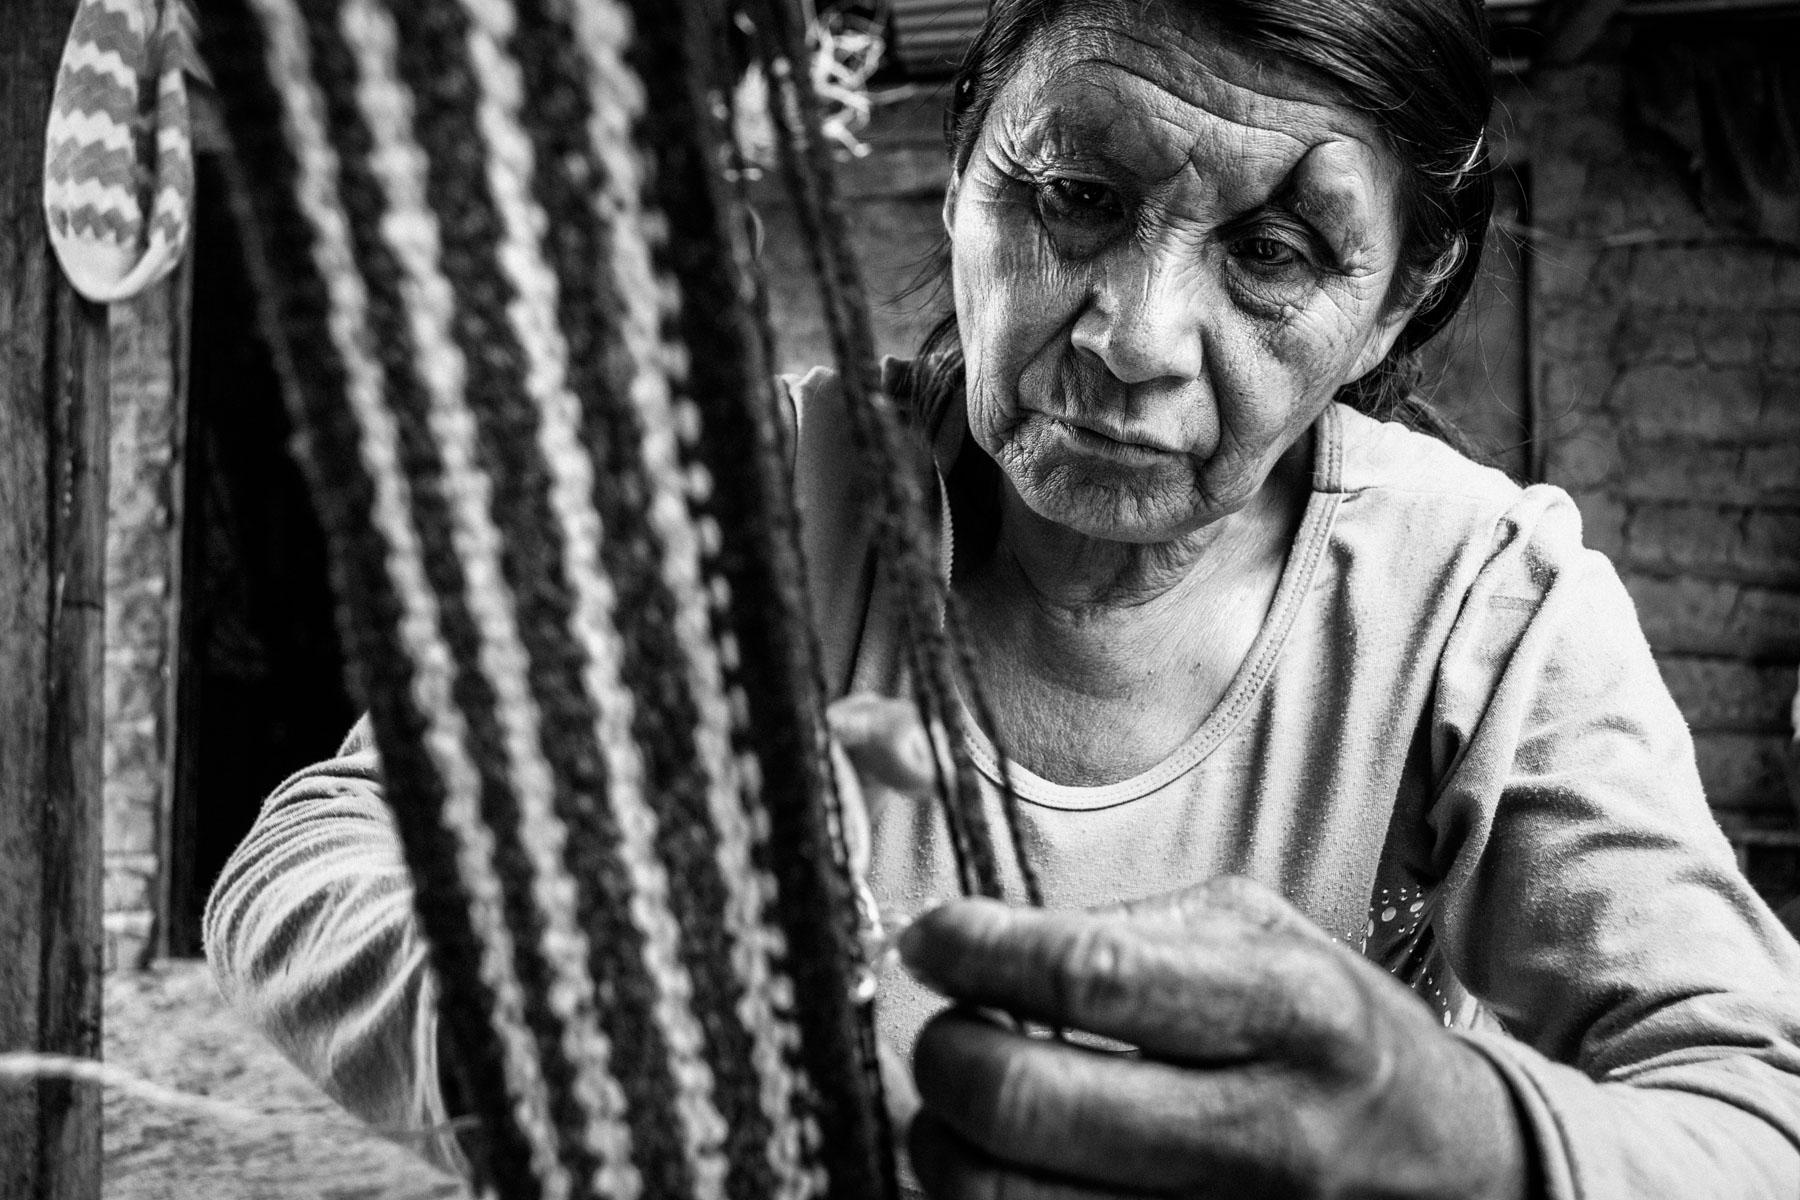 María Pequí Ascue (59 años), La Mina, Toribío, Cauca, Colombia, Agosto 18, 2018.